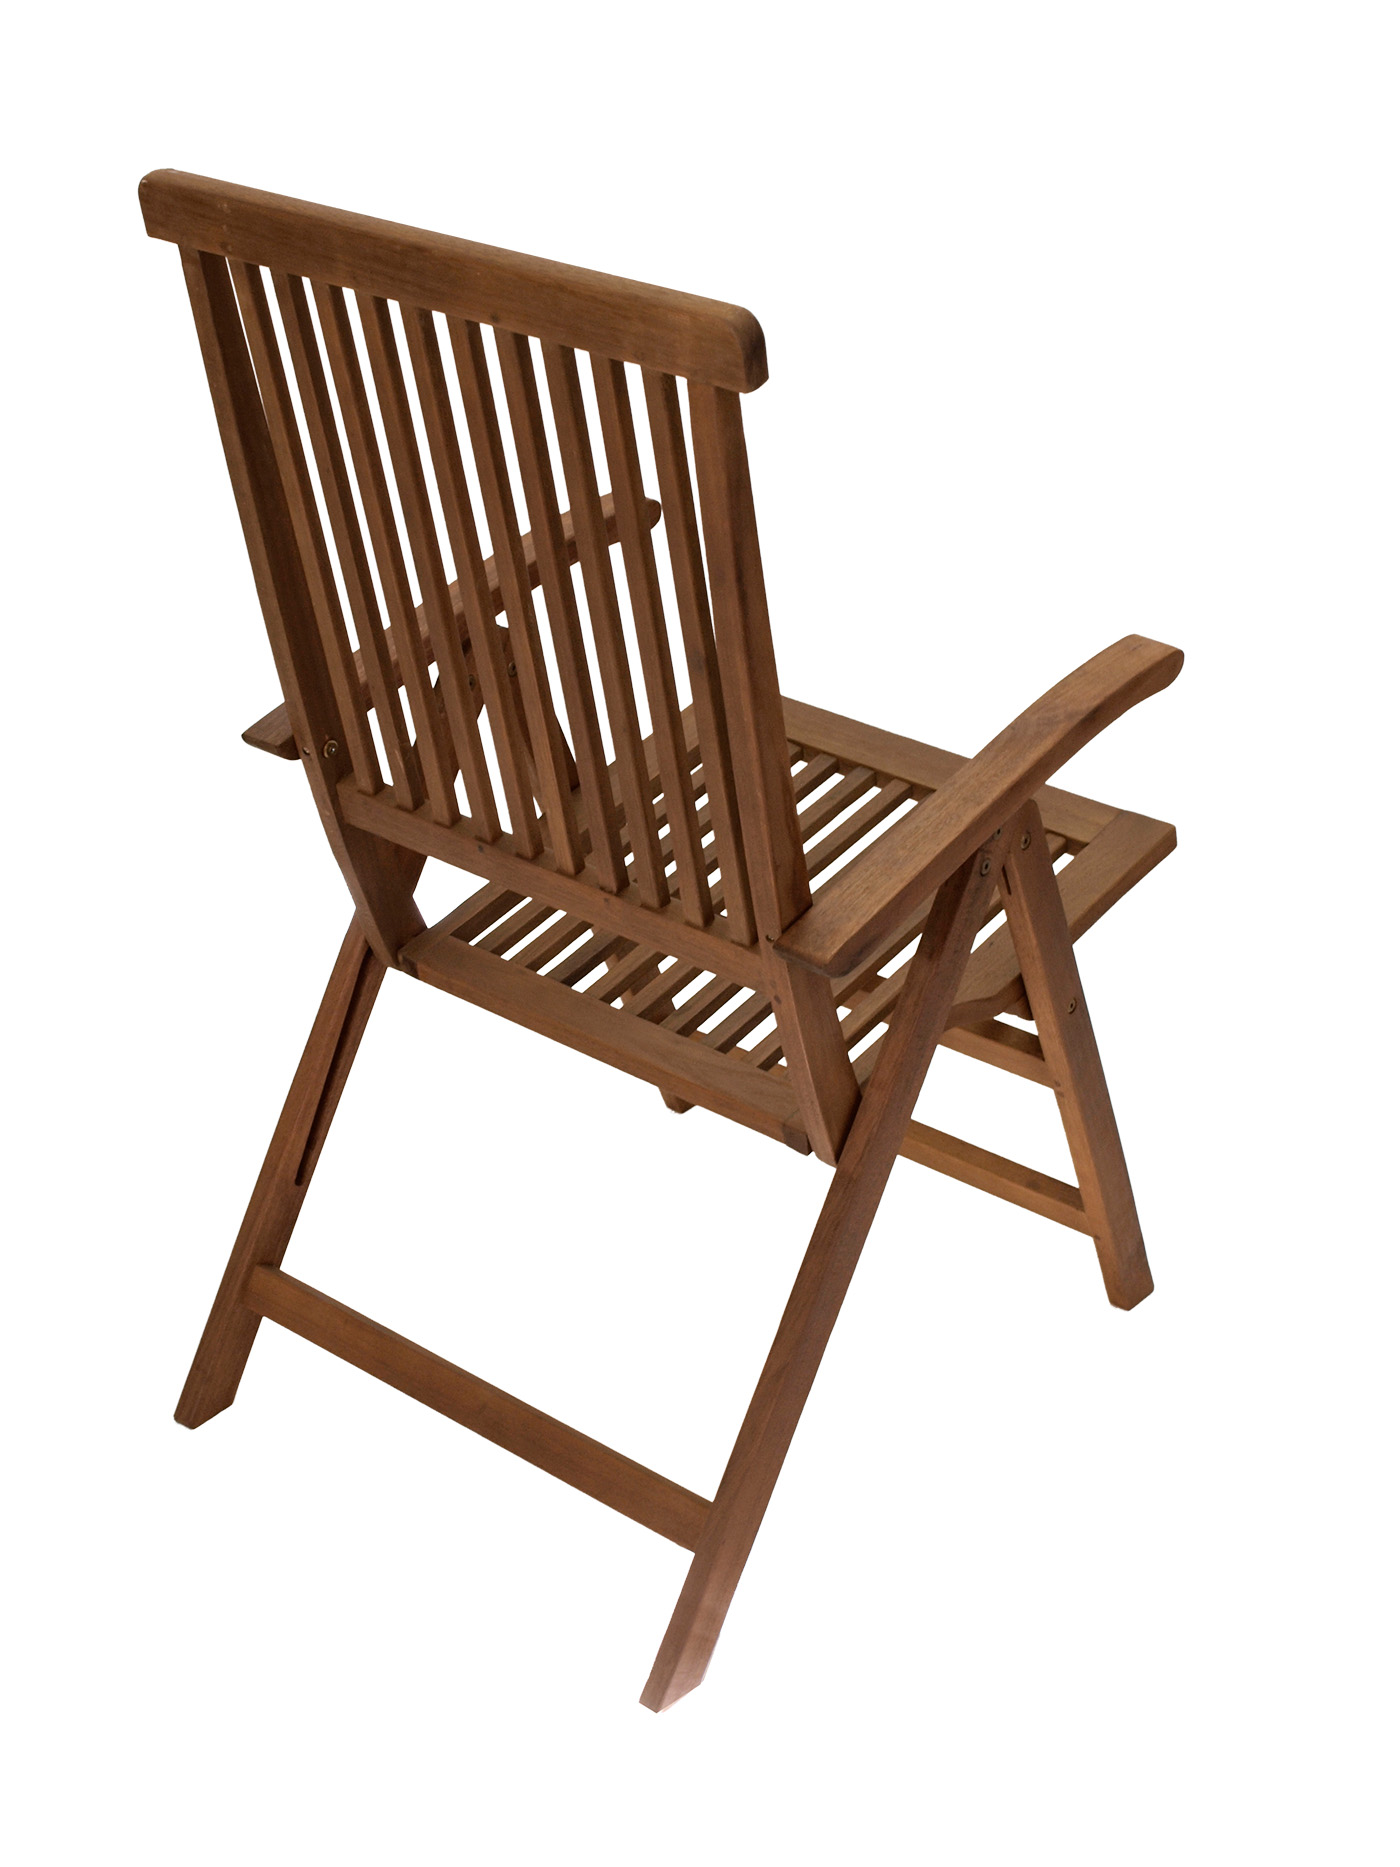 2x klappsessel holzsessel gartenstuhl bayamo hochlehner eukalyptus 2 wahl. Black Bedroom Furniture Sets. Home Design Ideas